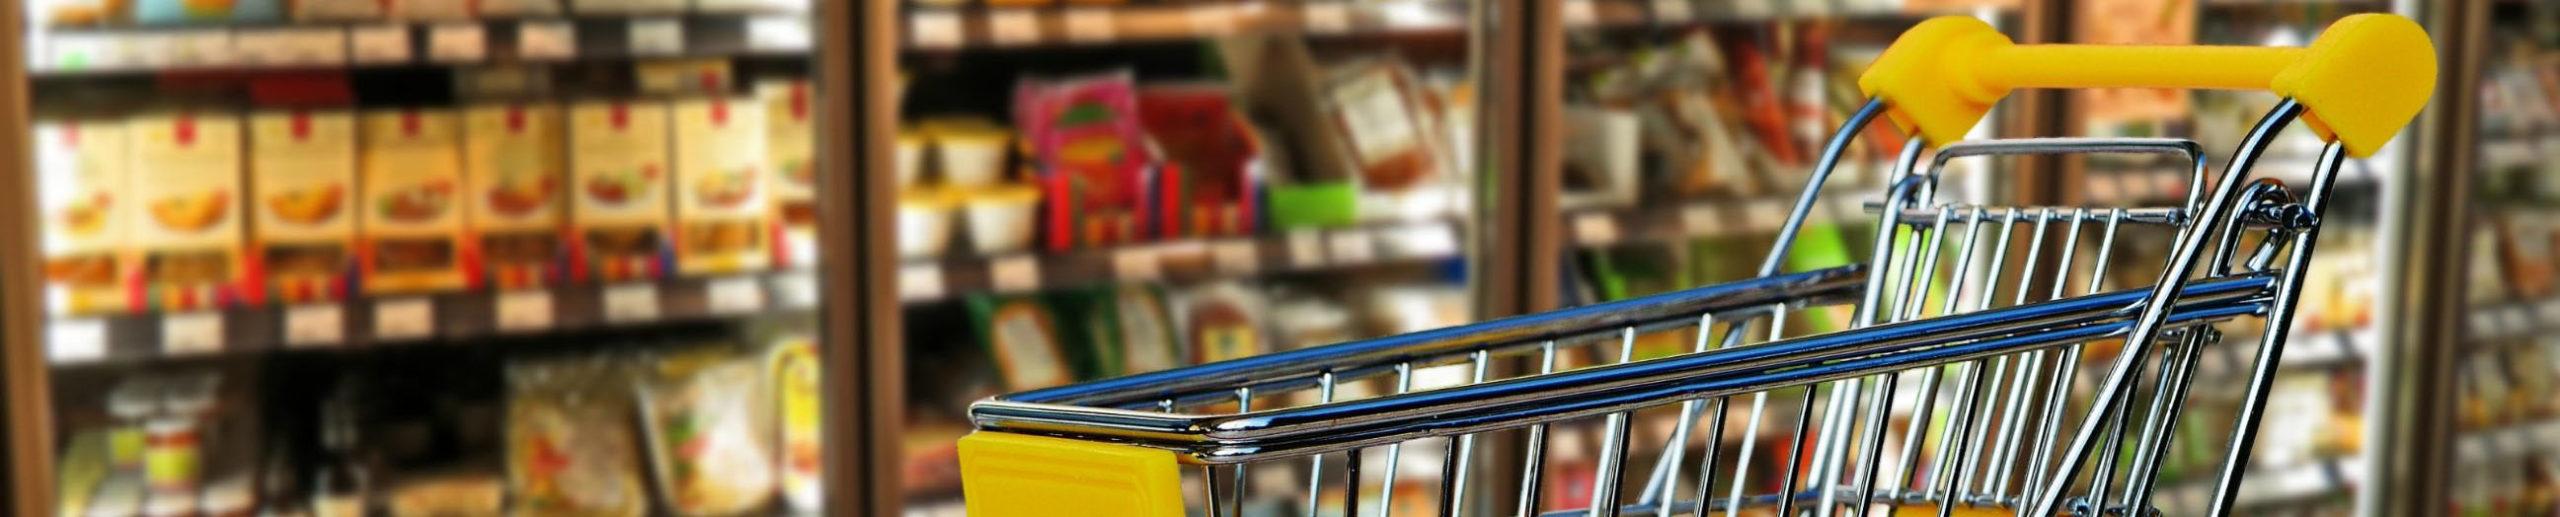 Hampton Grocery stores